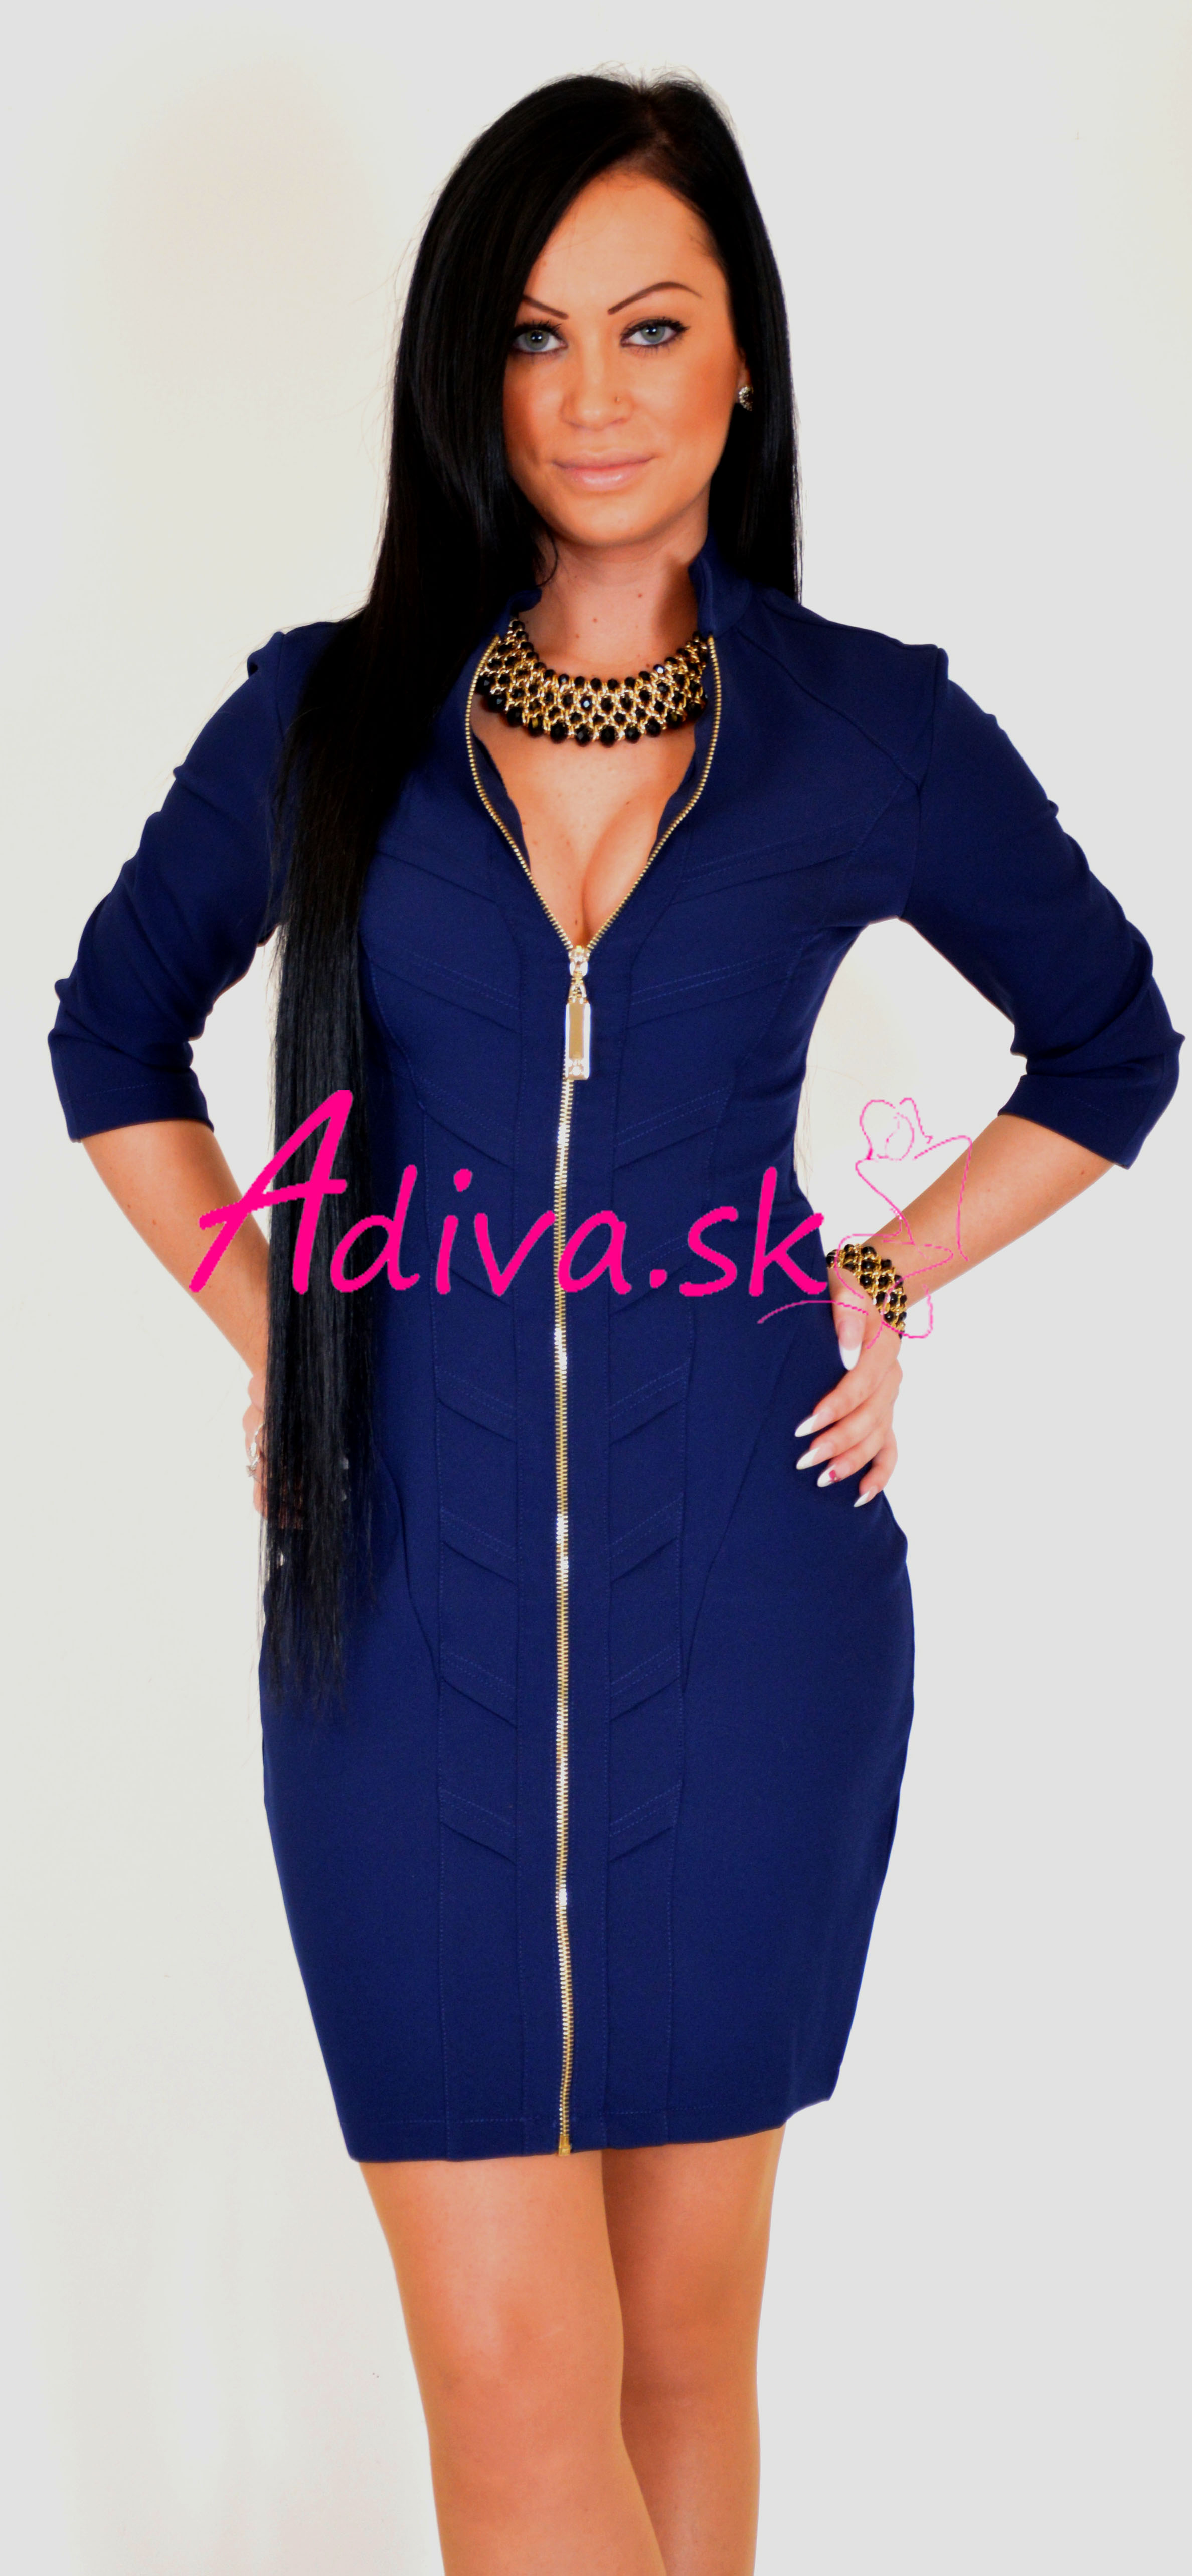 4bdfd06583d9 luxusne saty luxusne šaty